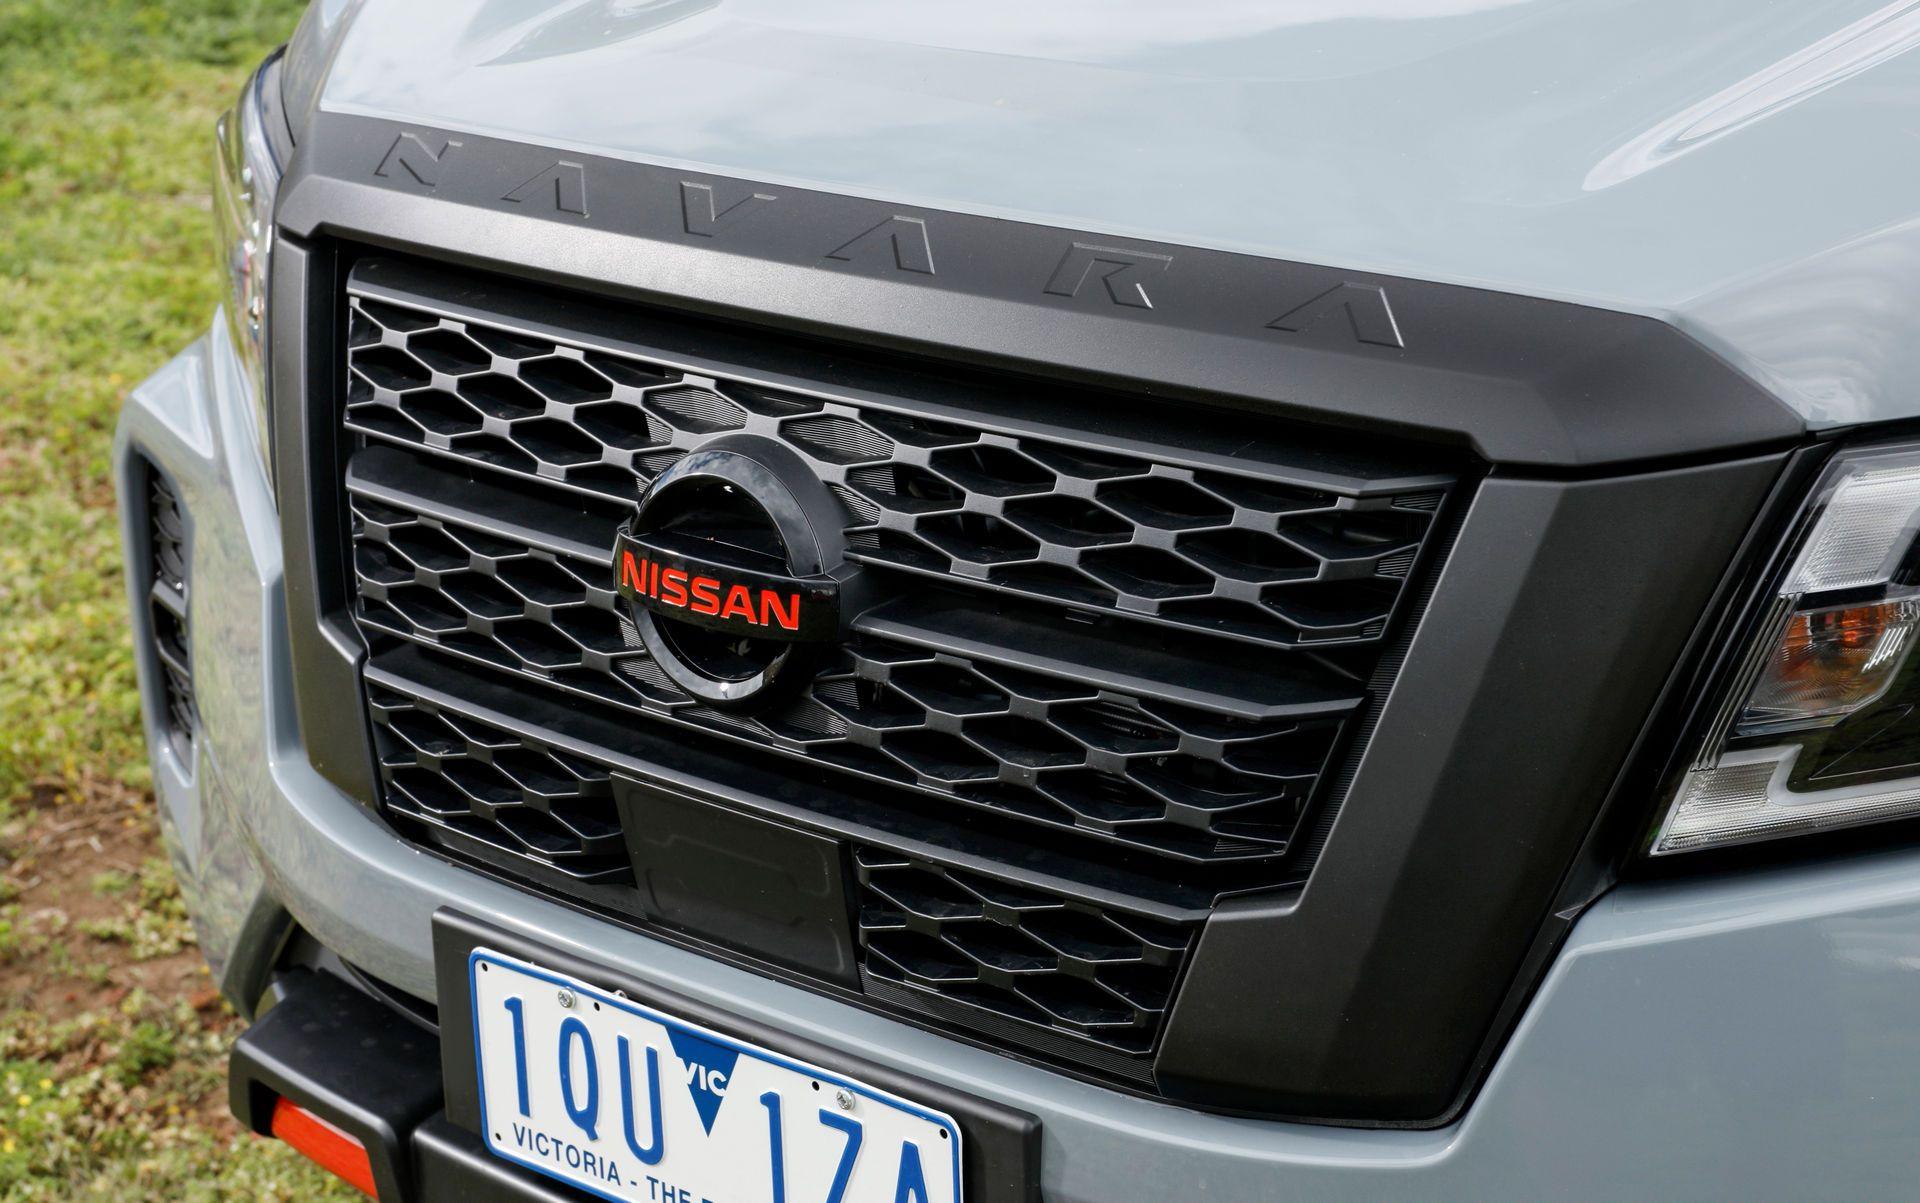 Nissan-Navara-2021-36-2